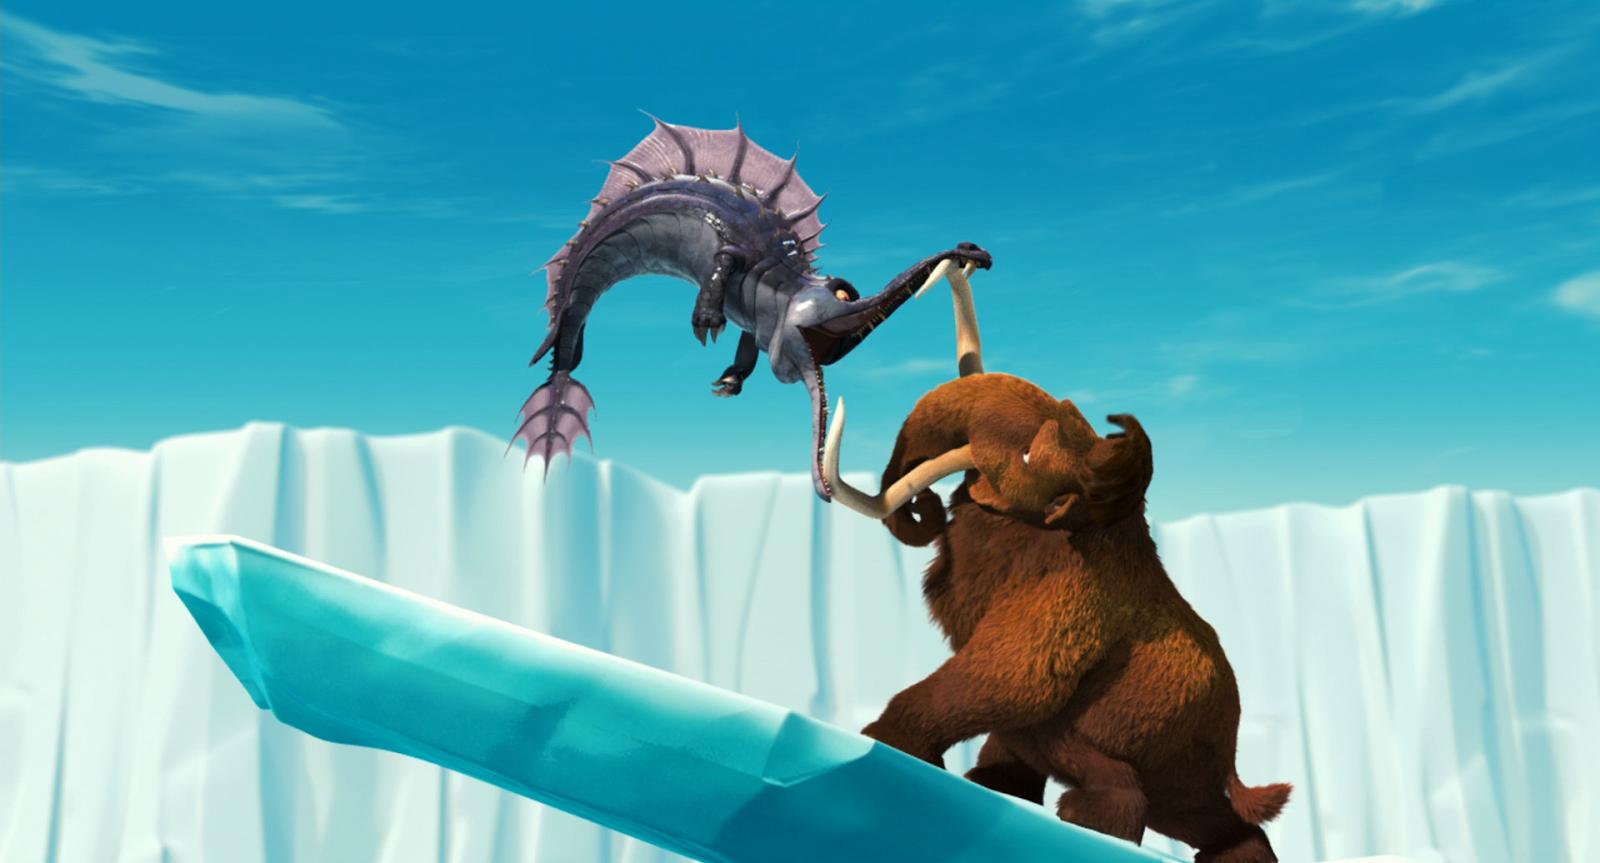 La era de hielo 2 completa online dating